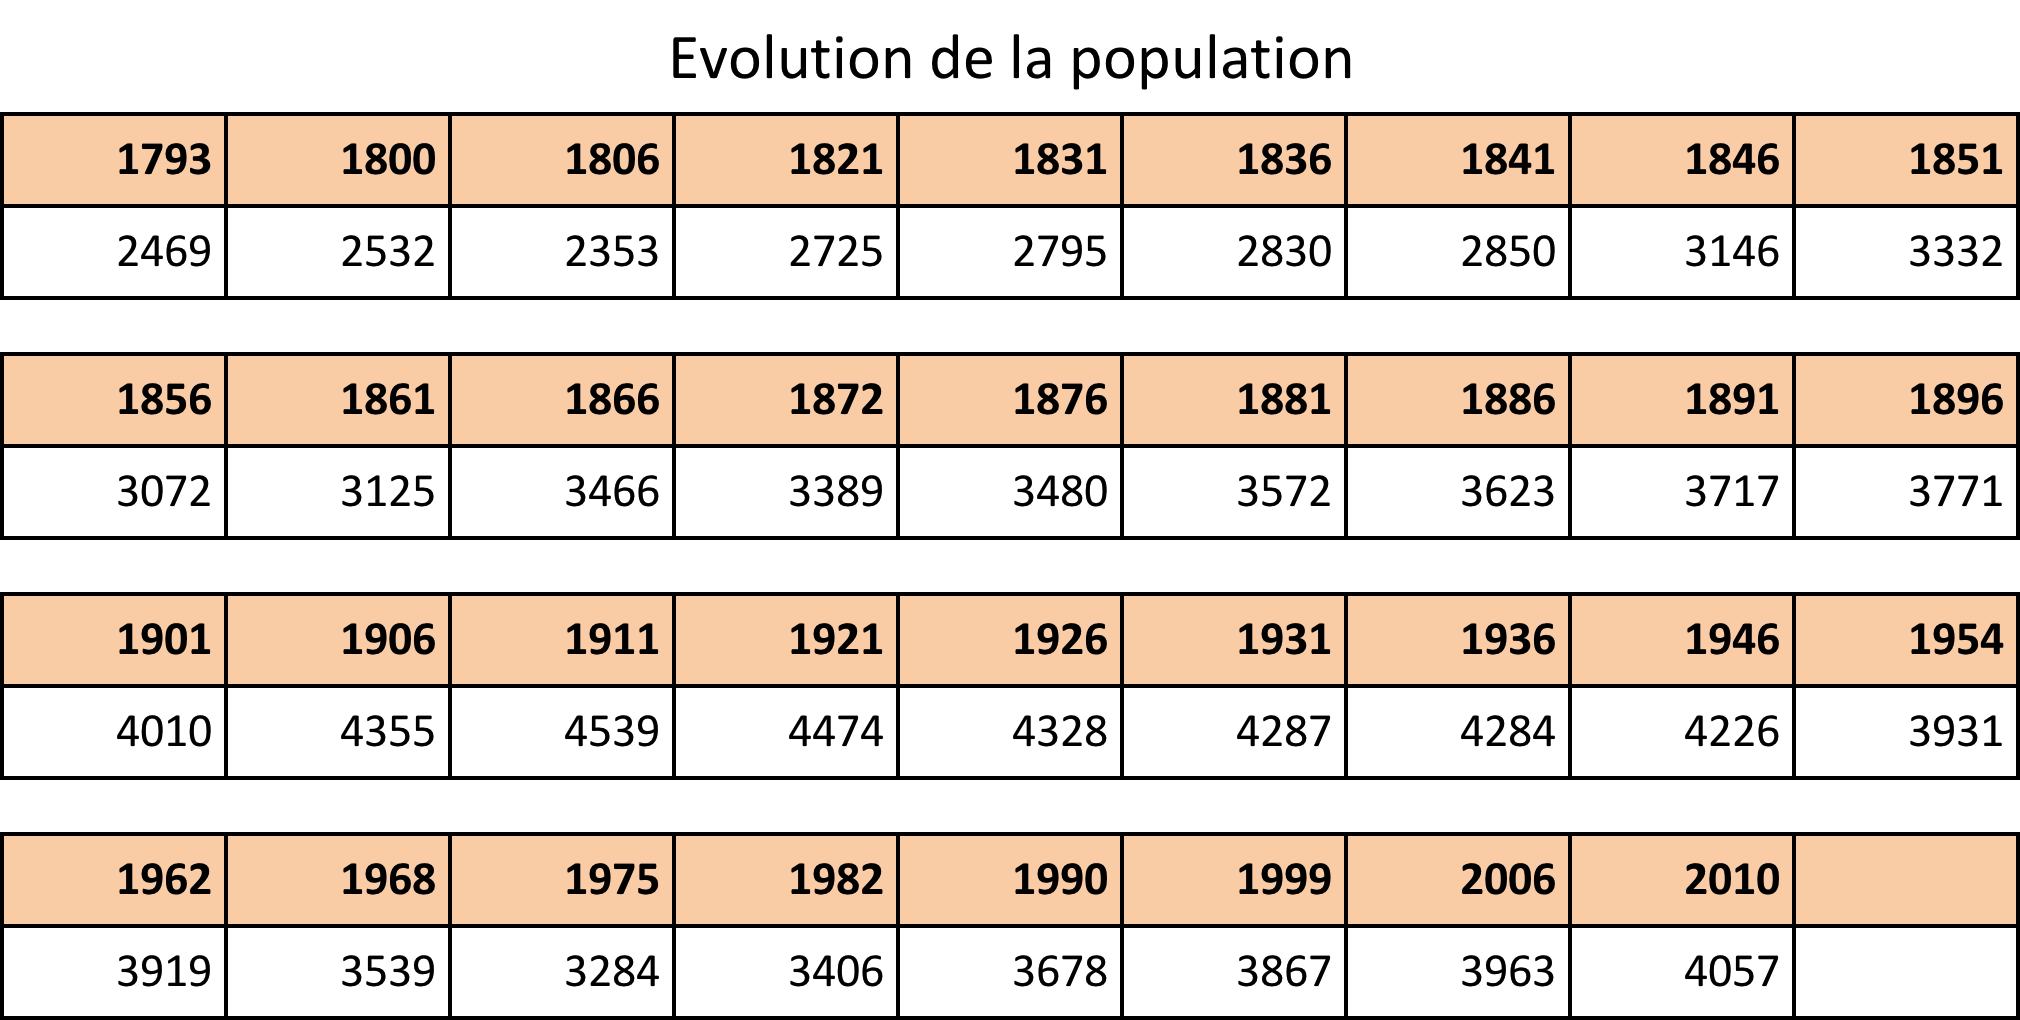 Evolution de la population à Clohars